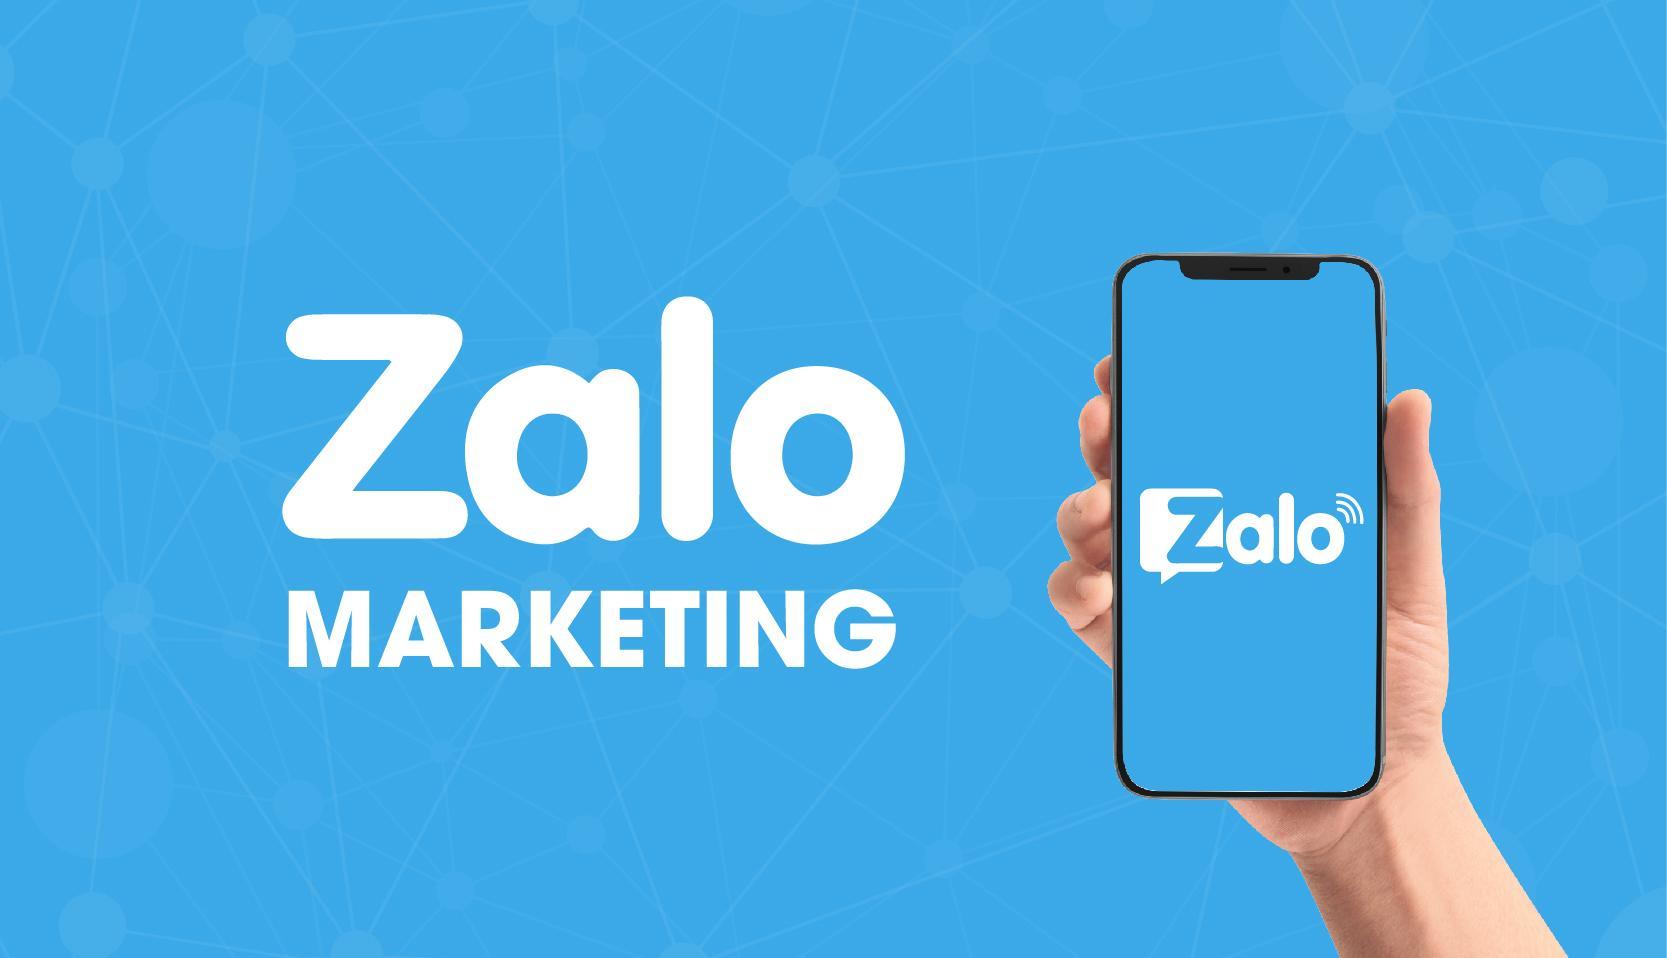 zalo marketing la lam gi 2